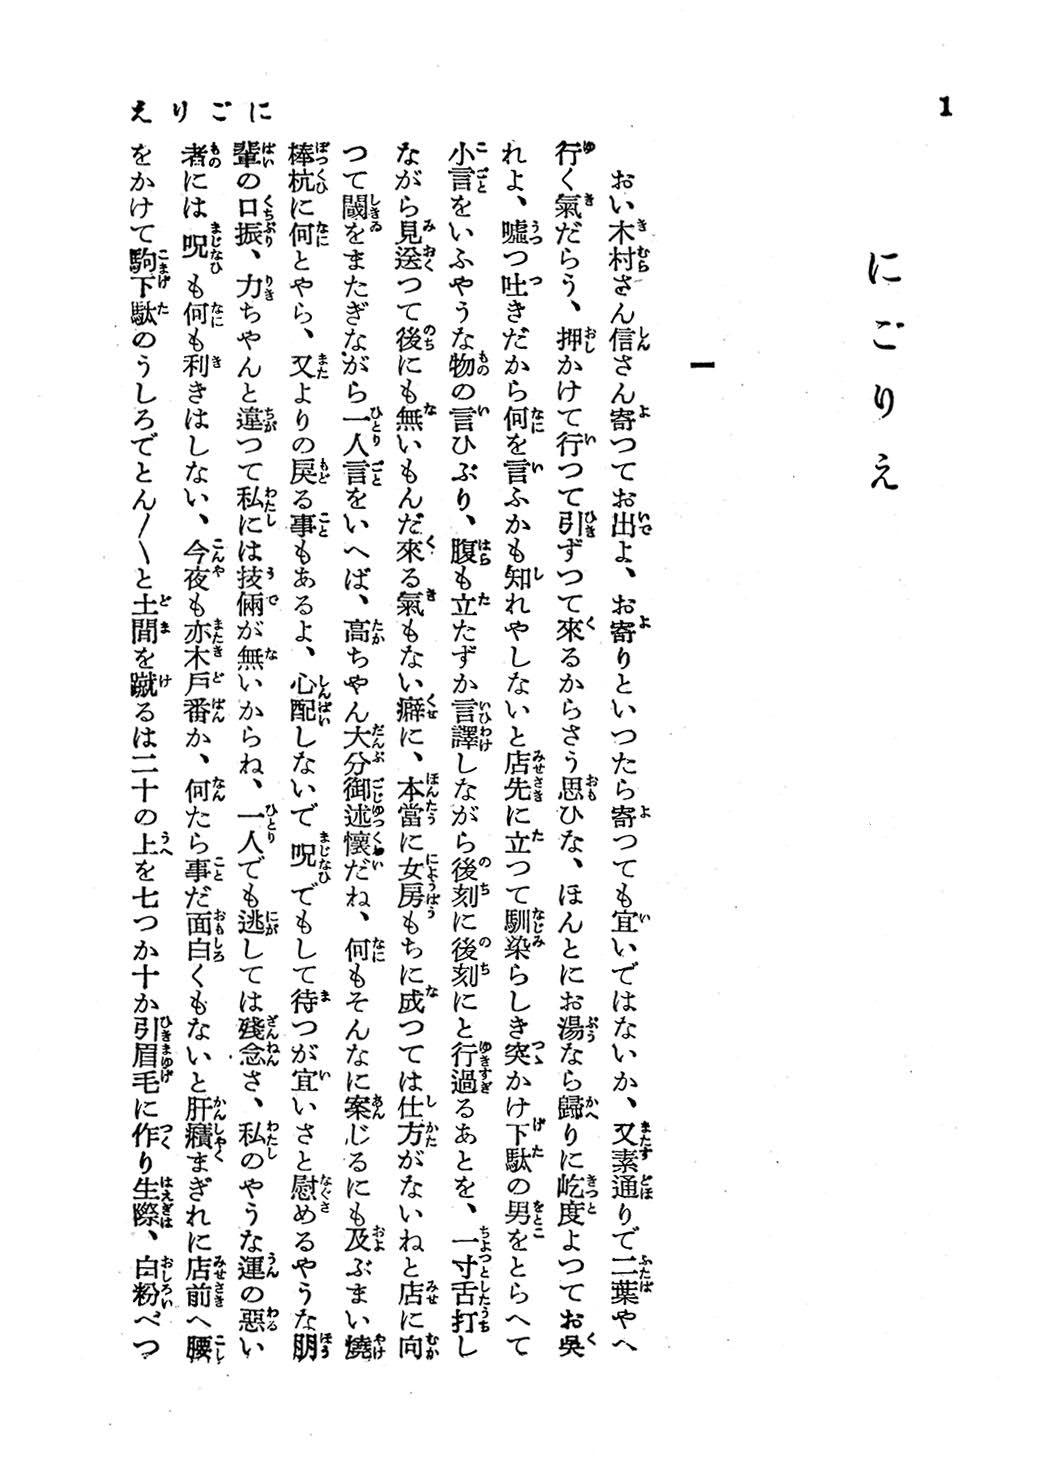 3_にごりえ_サシカエ.jpg